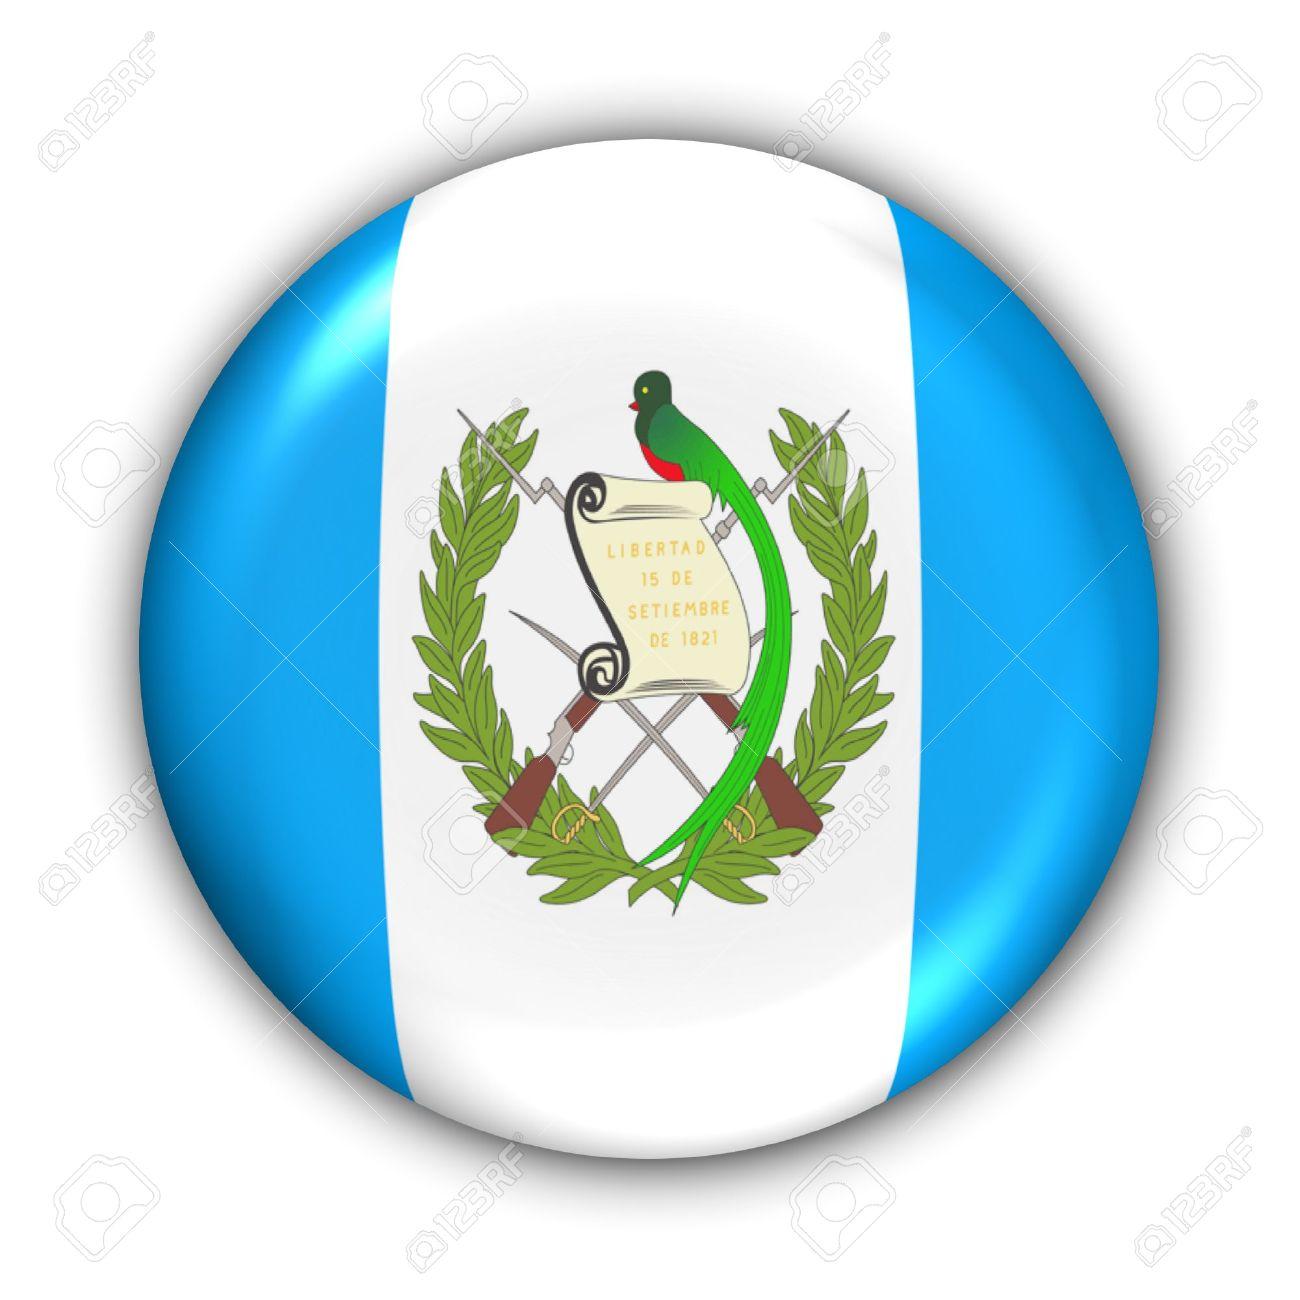 Botón de la Serie Mundial Bandera - América Central y Caribe - Guatemala (Con Clipping Path)  Foto de archivo - 373956